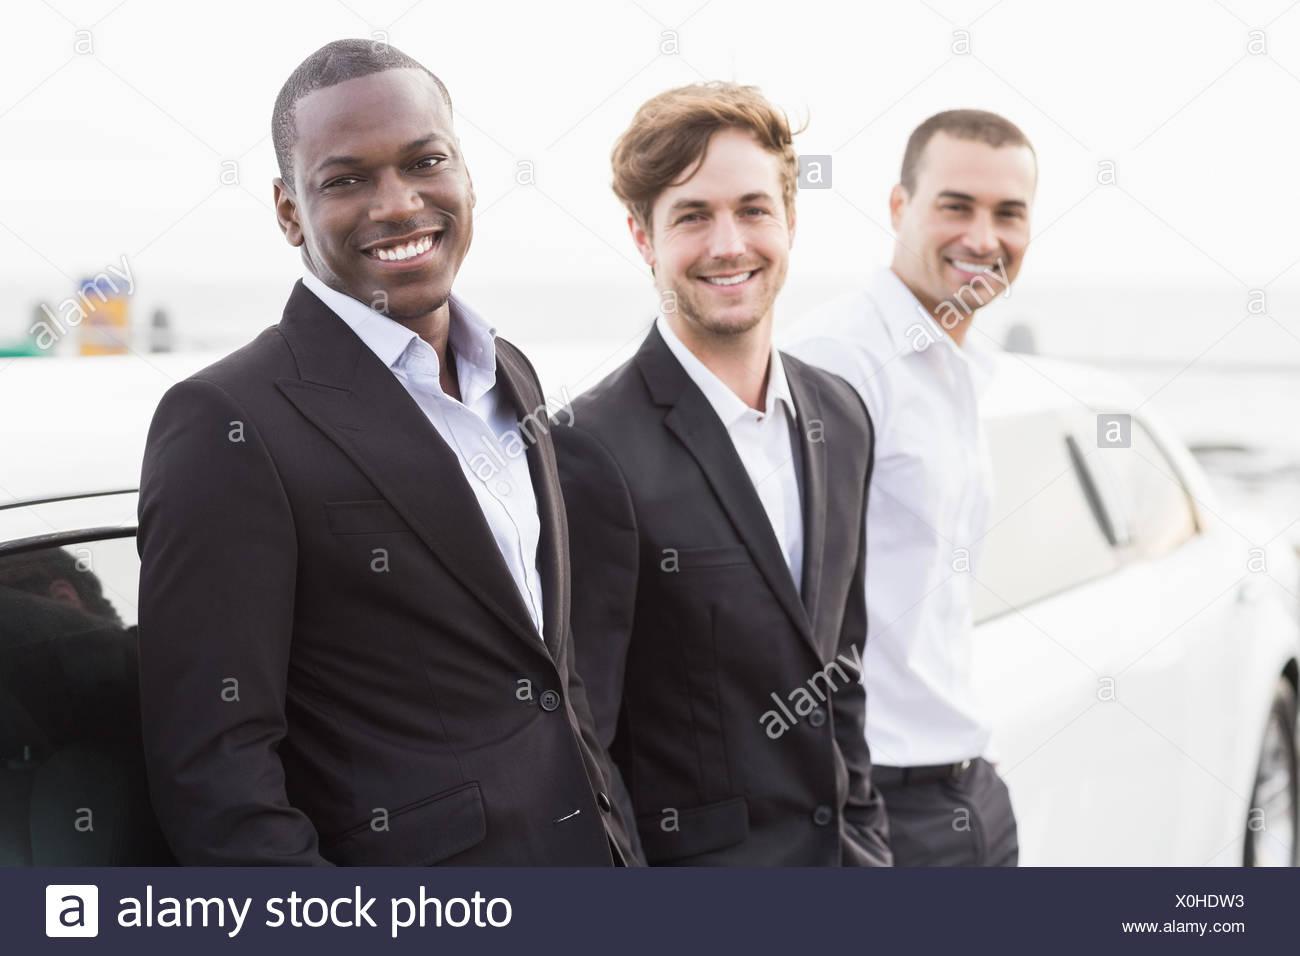 Los Hombres Bien Vestidos Posando Recostado En Una Limusina